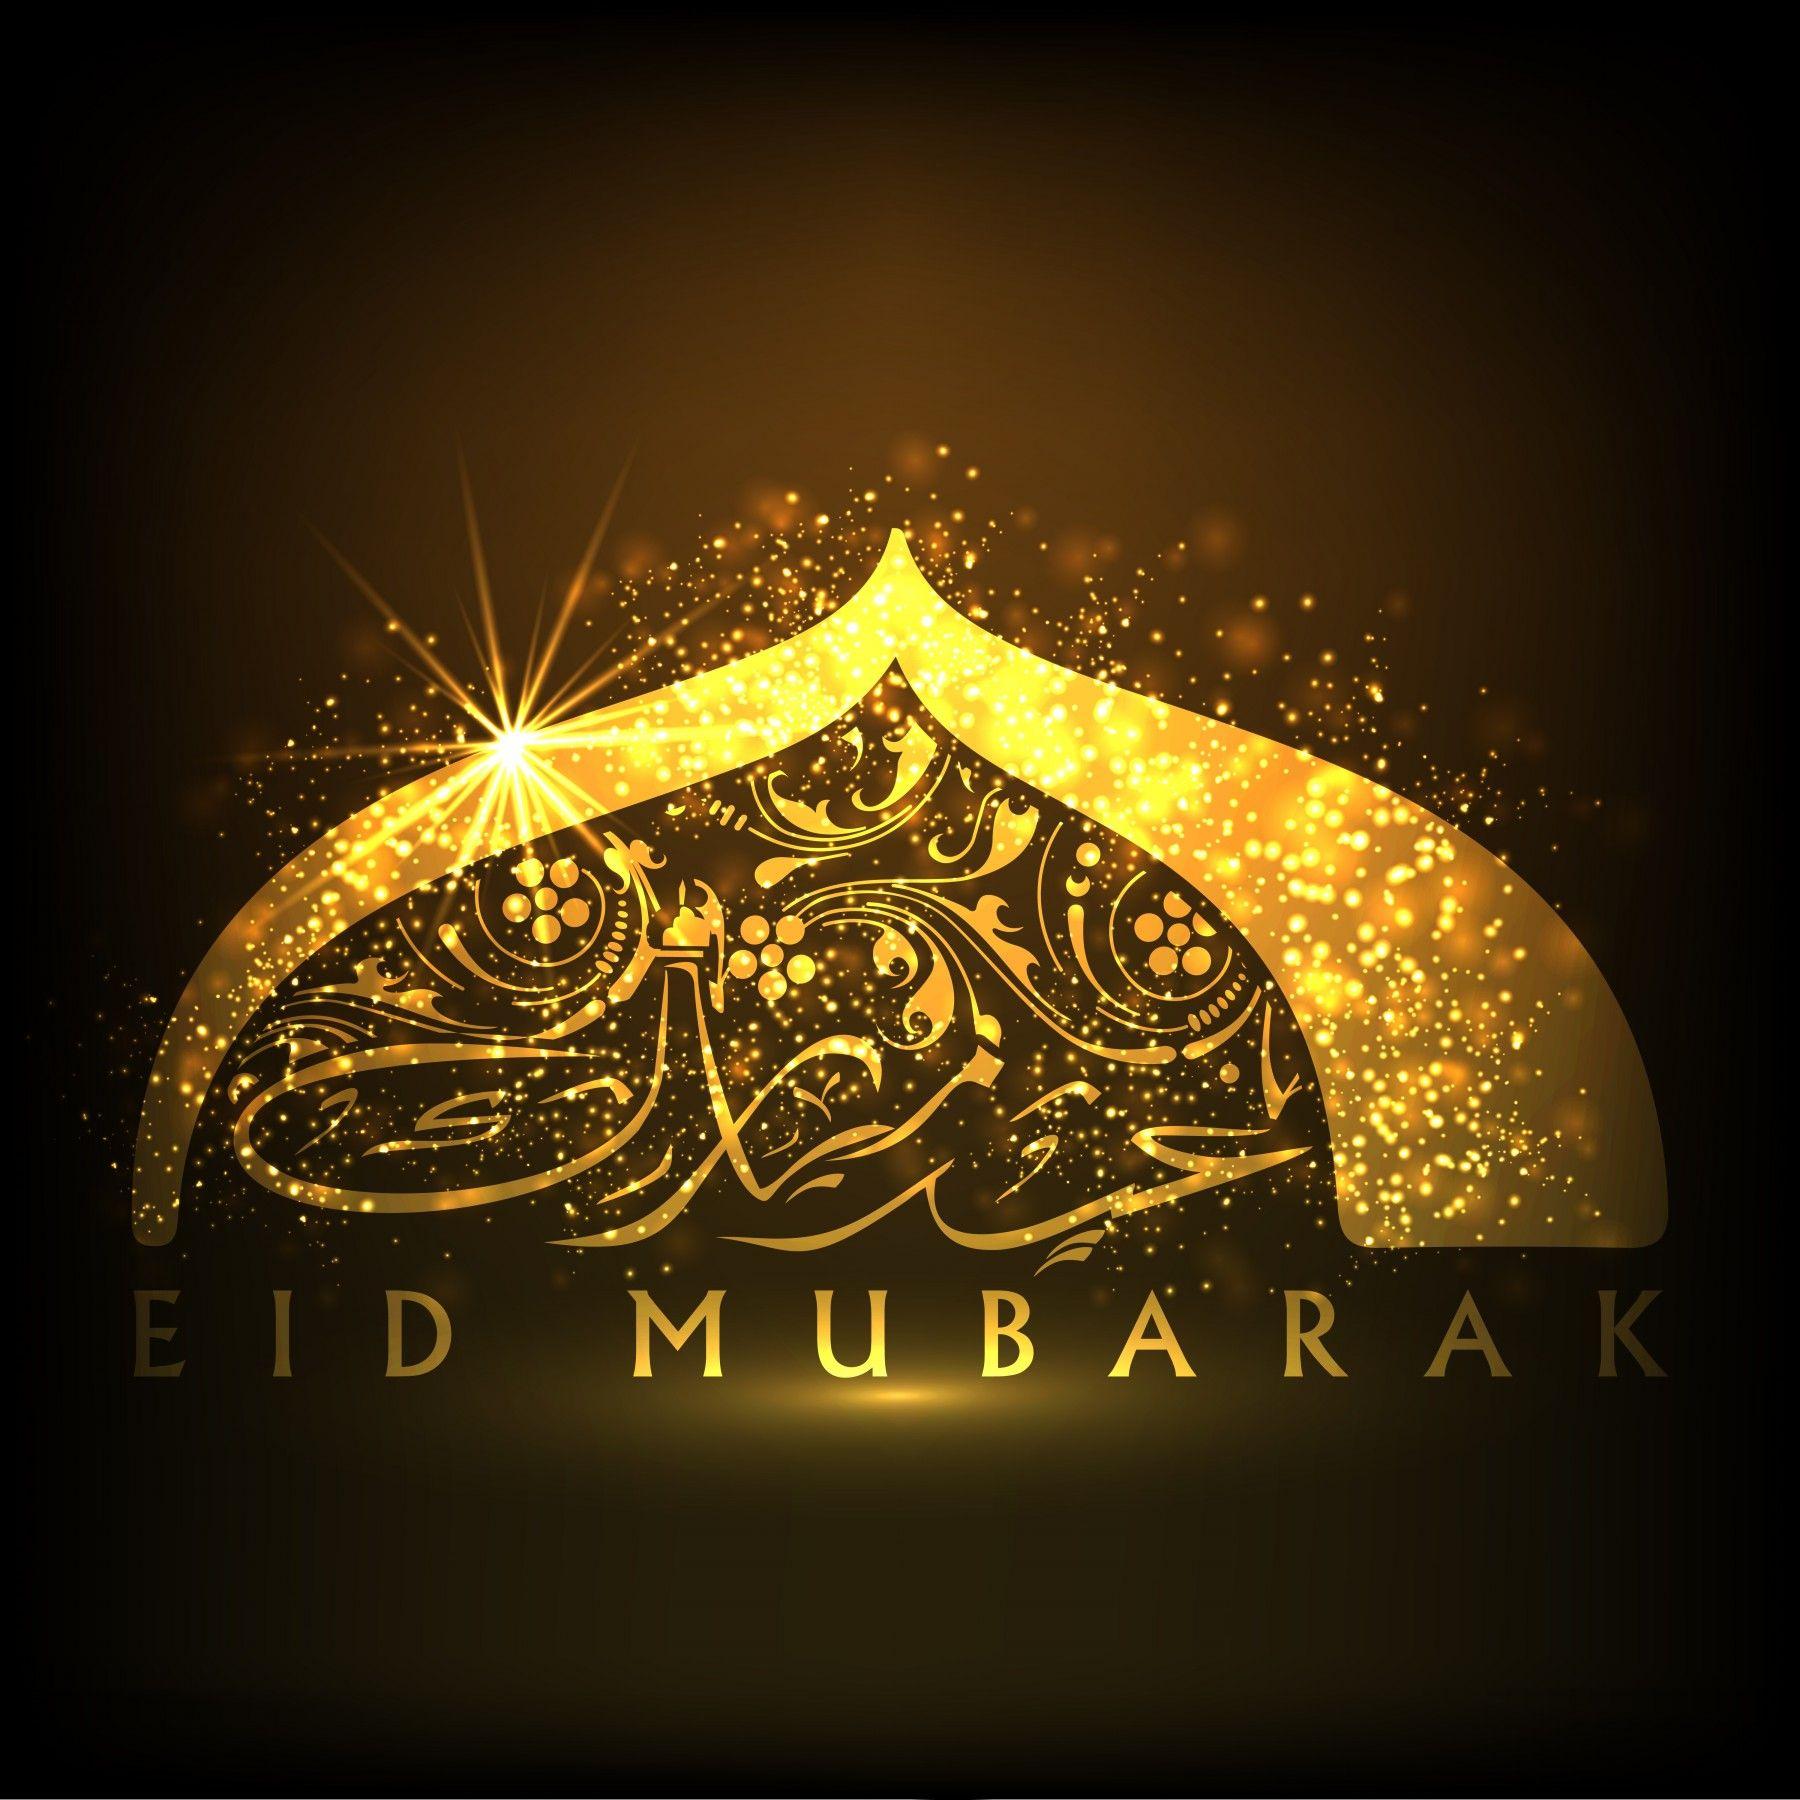 Images Backgrounds Cards Eid Mubarak Eid al-Adha - Eid al-Fitr 4 ...